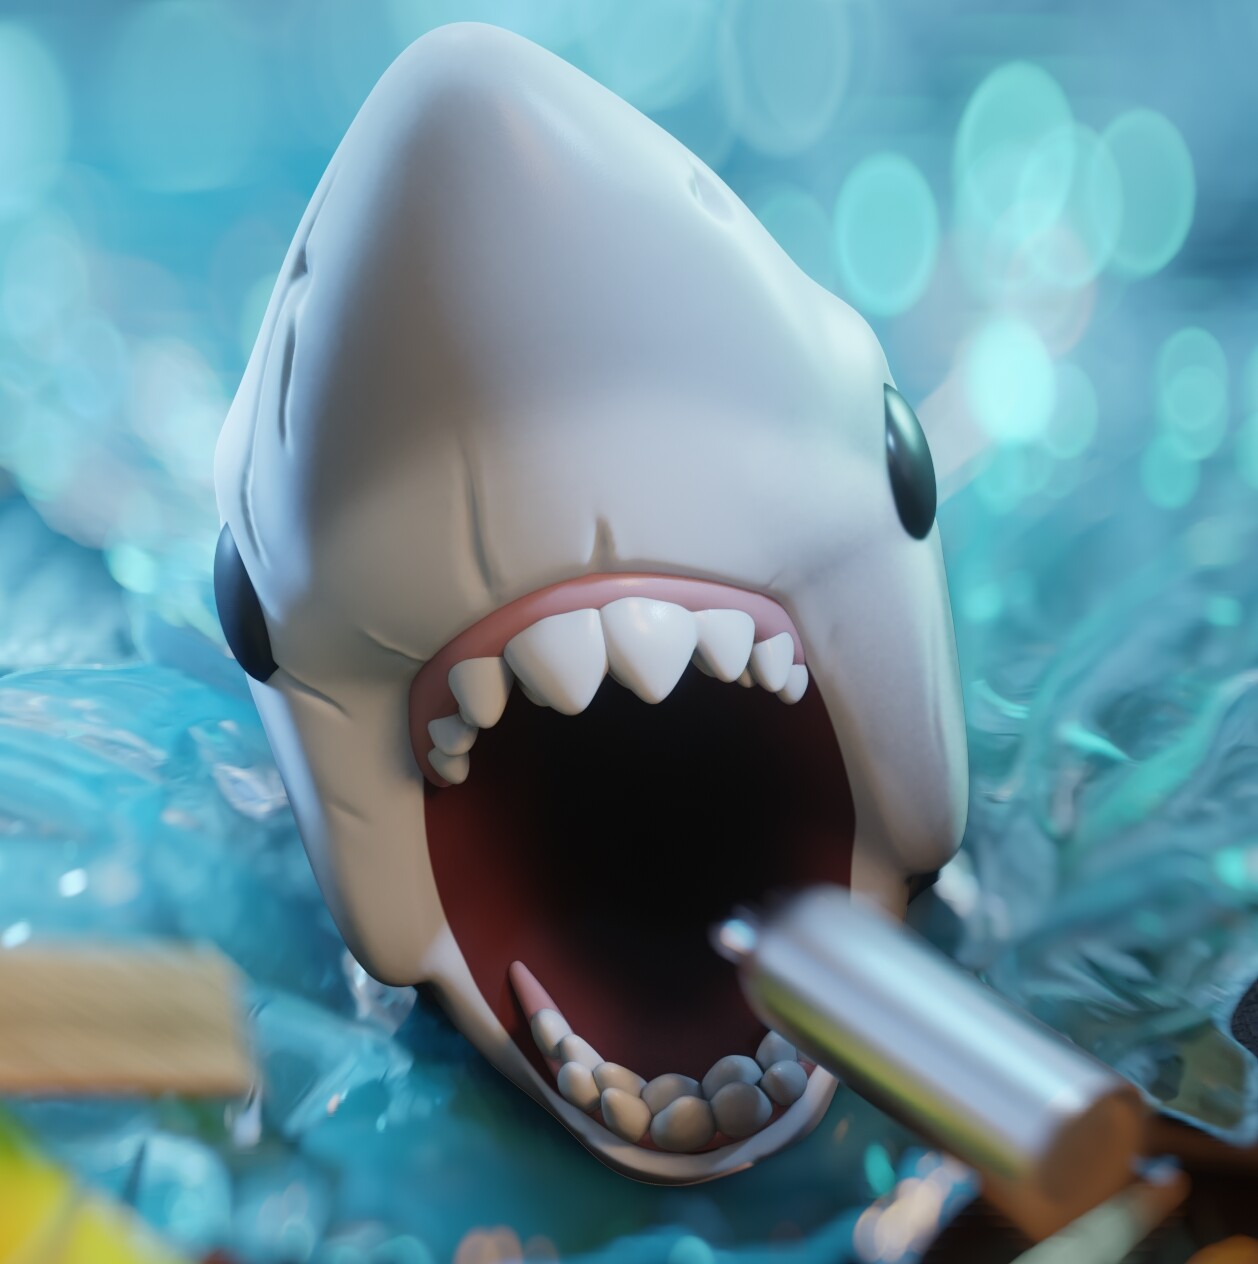 jaws character close-up